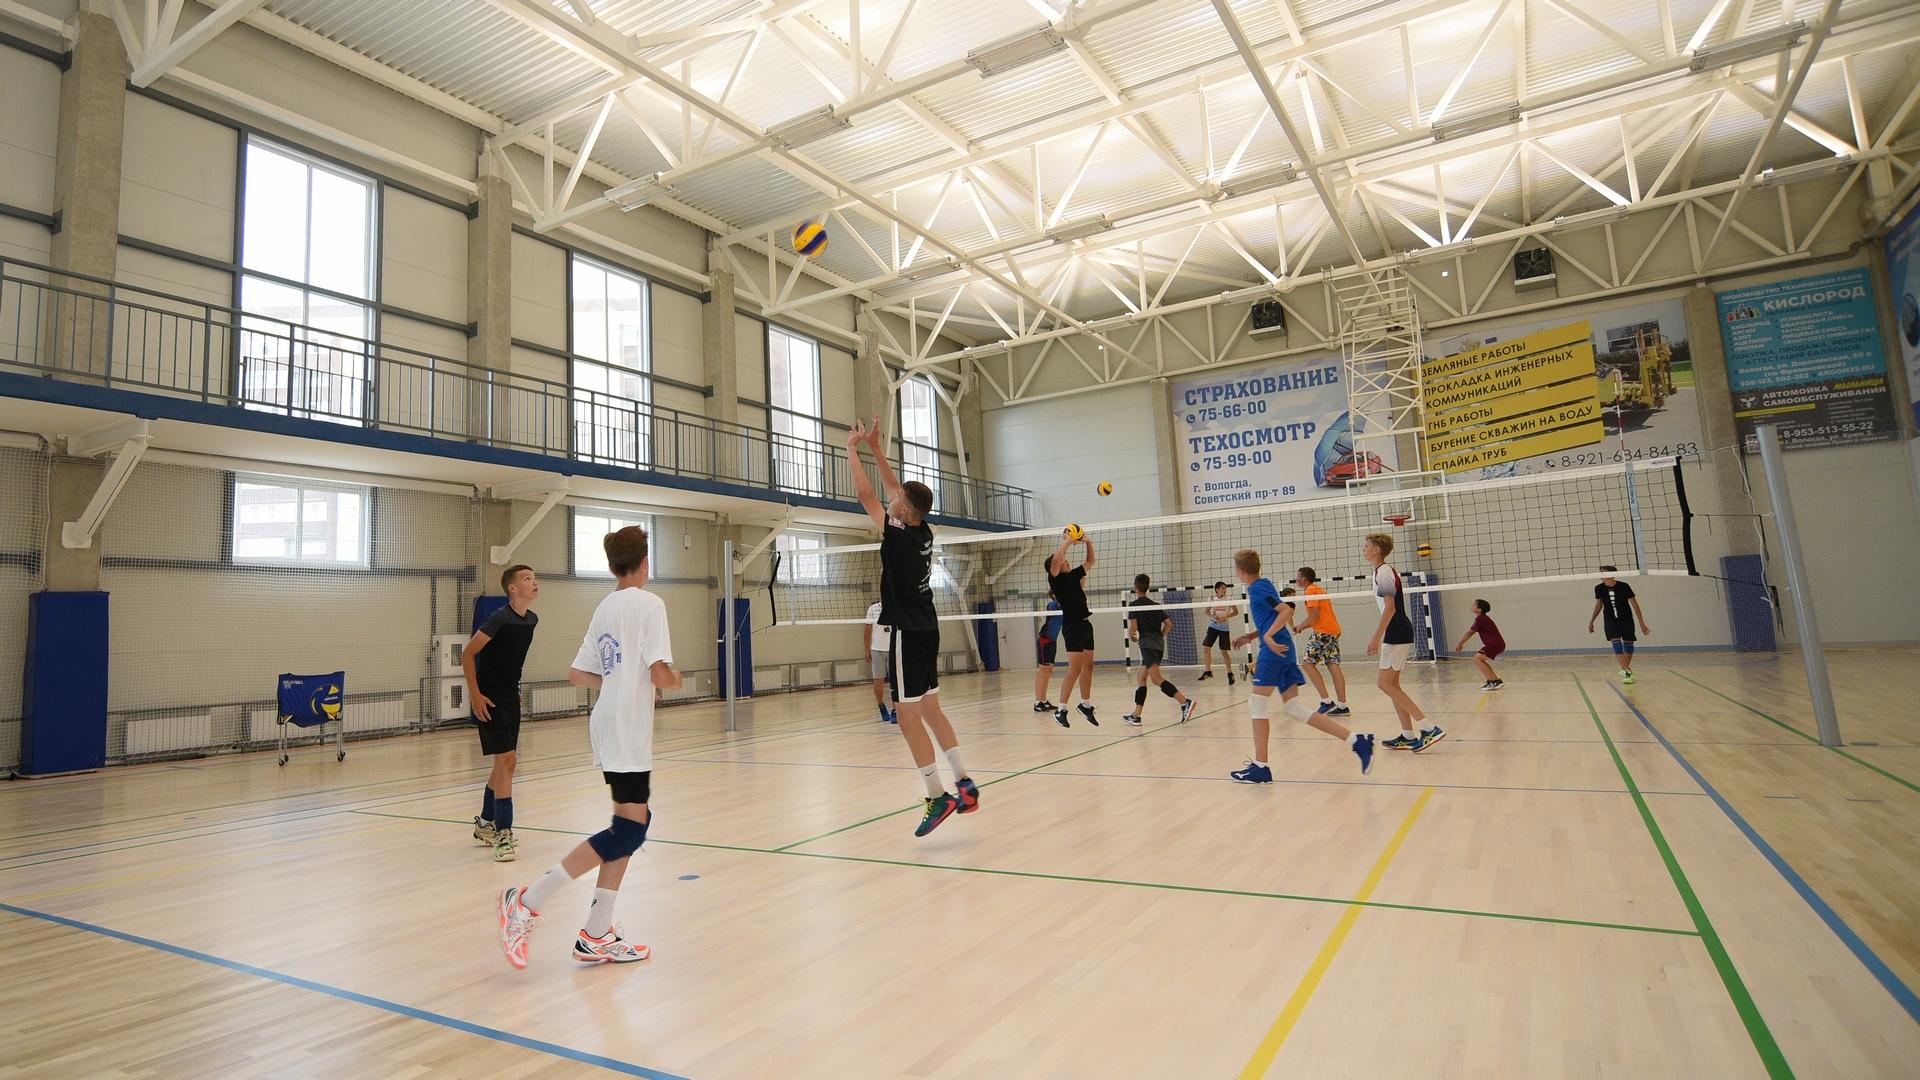 Волейбольный центр построен с учетом мировых стандартов